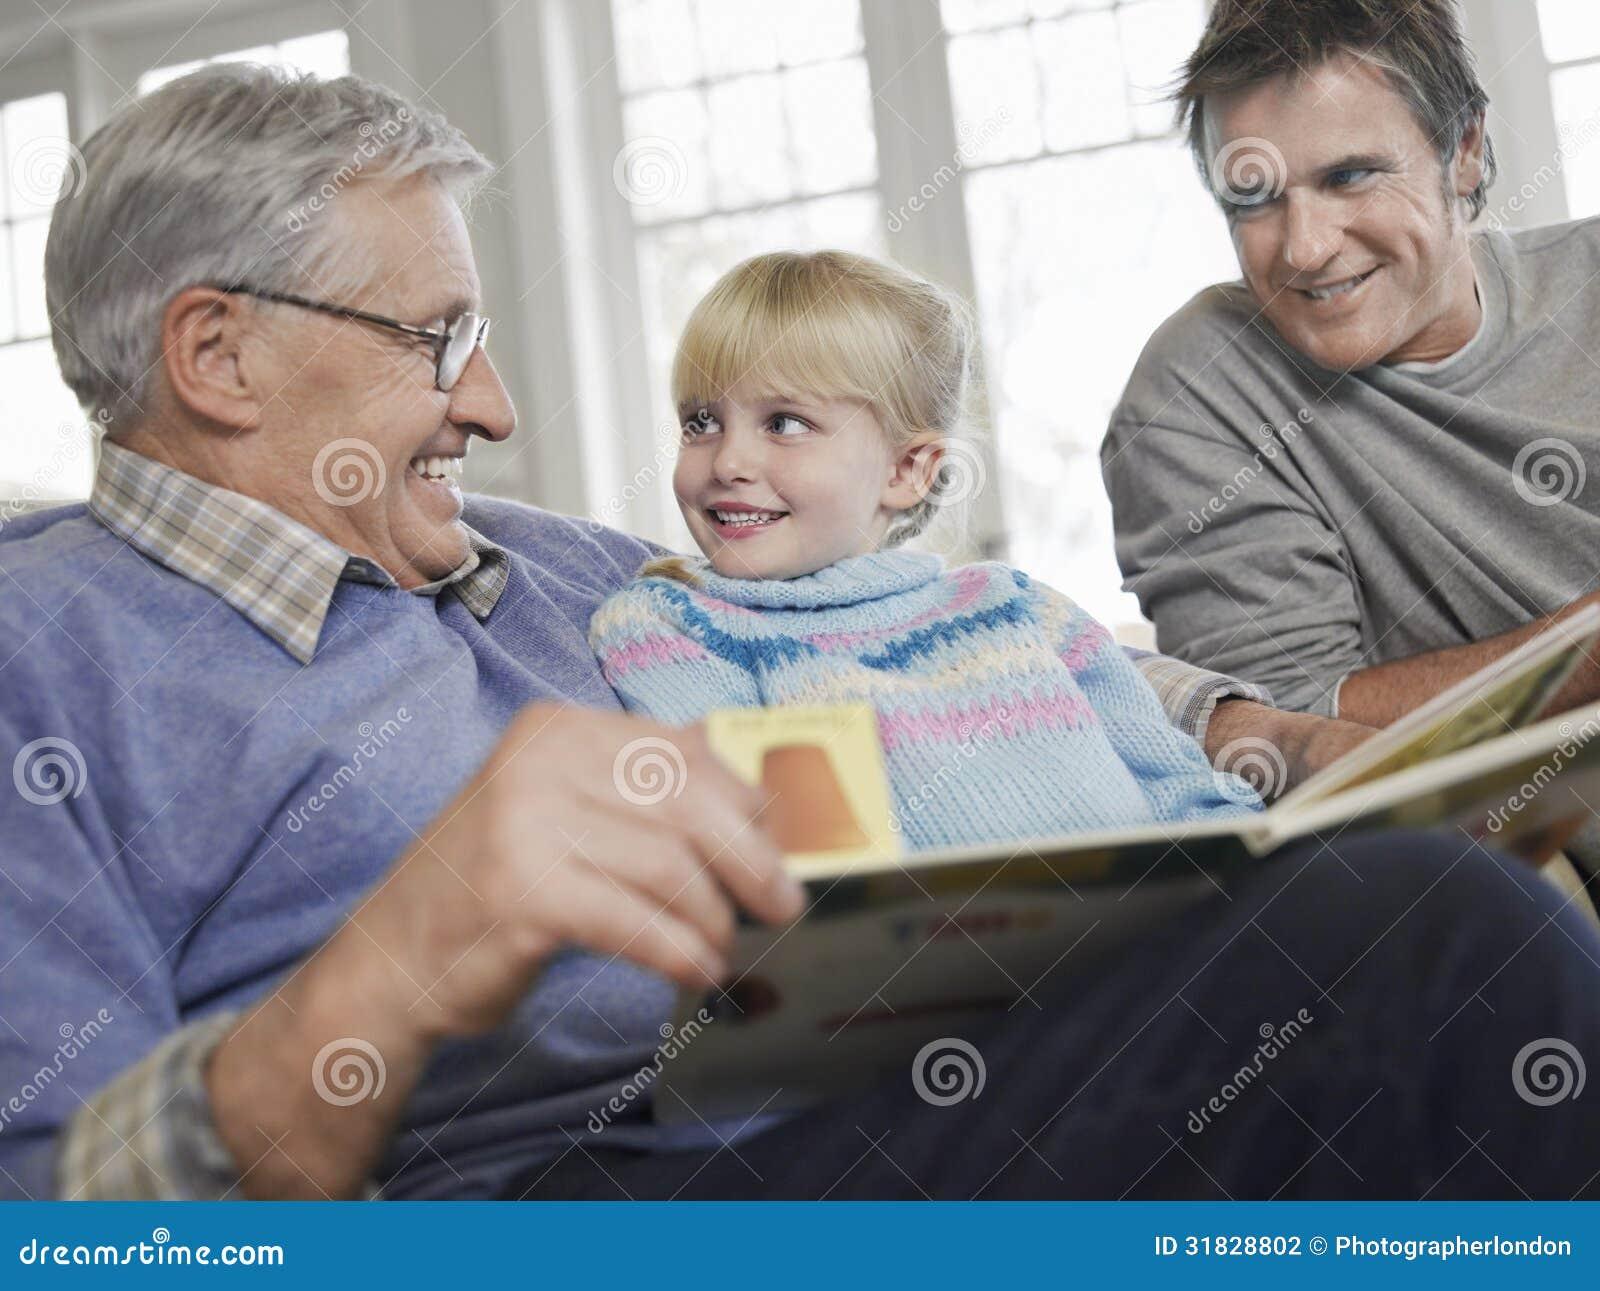 Mädchen mit Vater-And Grandfather Reading-Geschichten-Buch